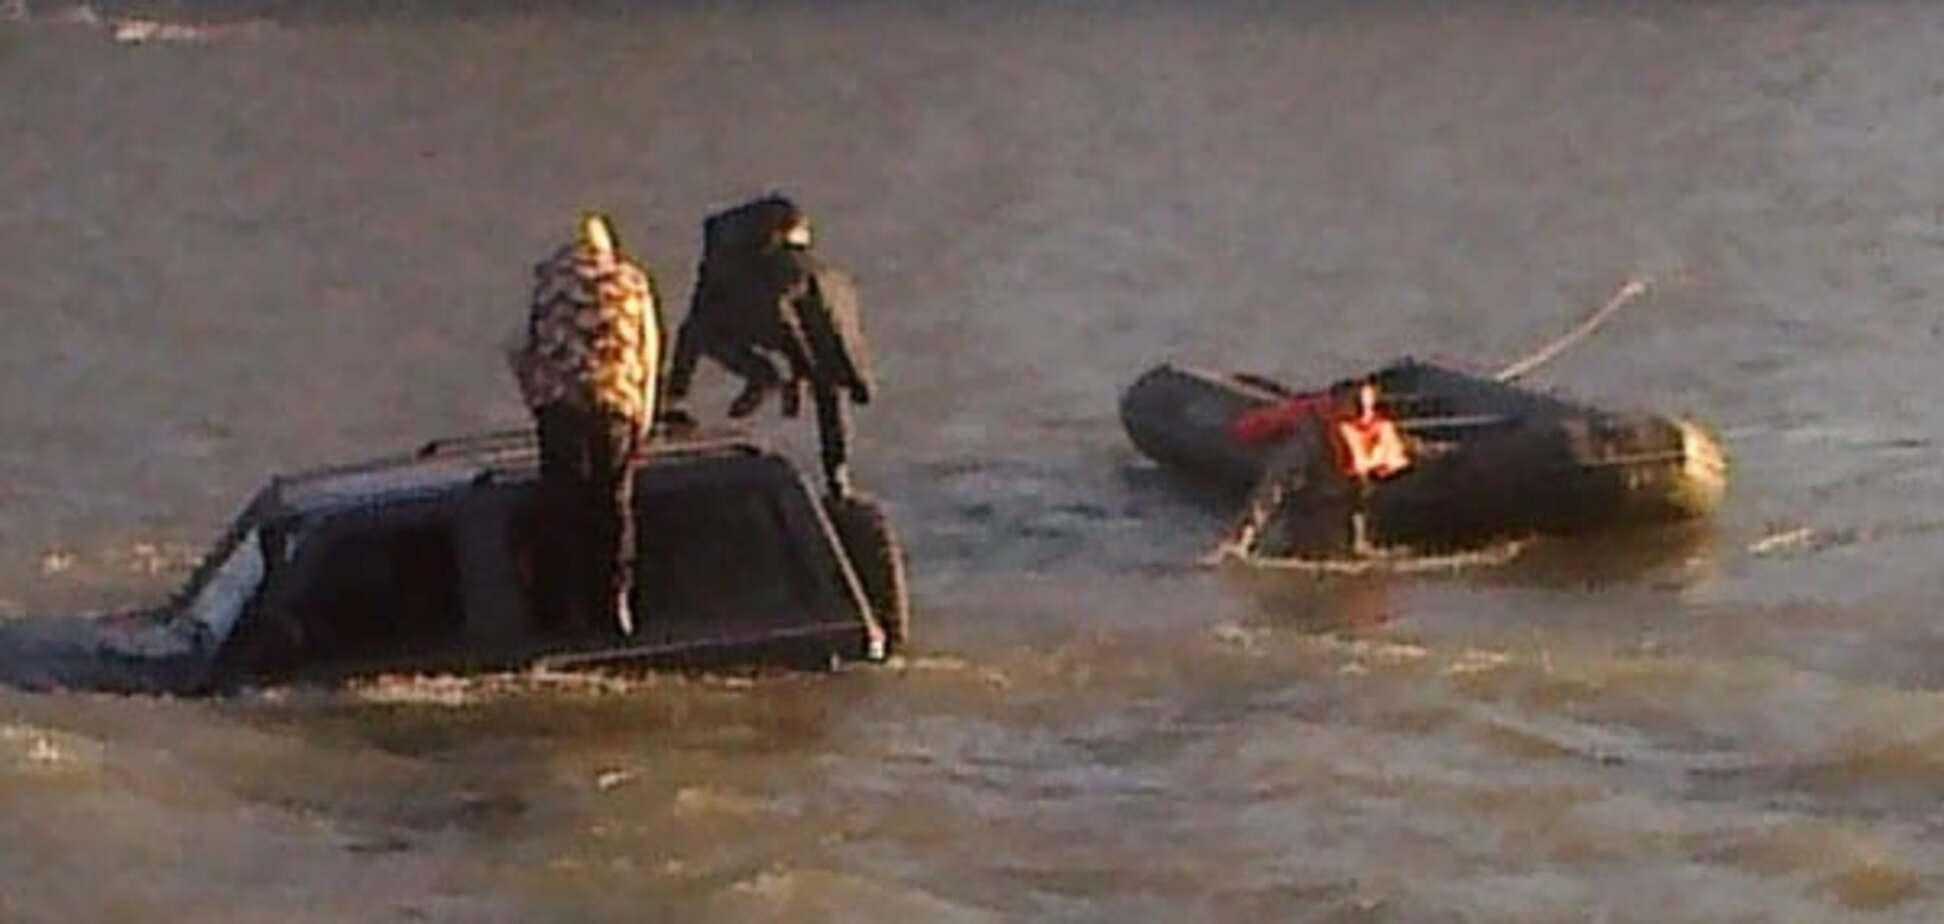 'Розуму не треба': в Ужгороді двоє чоловіків застрягли в річці на джипі. Опубліковано відео